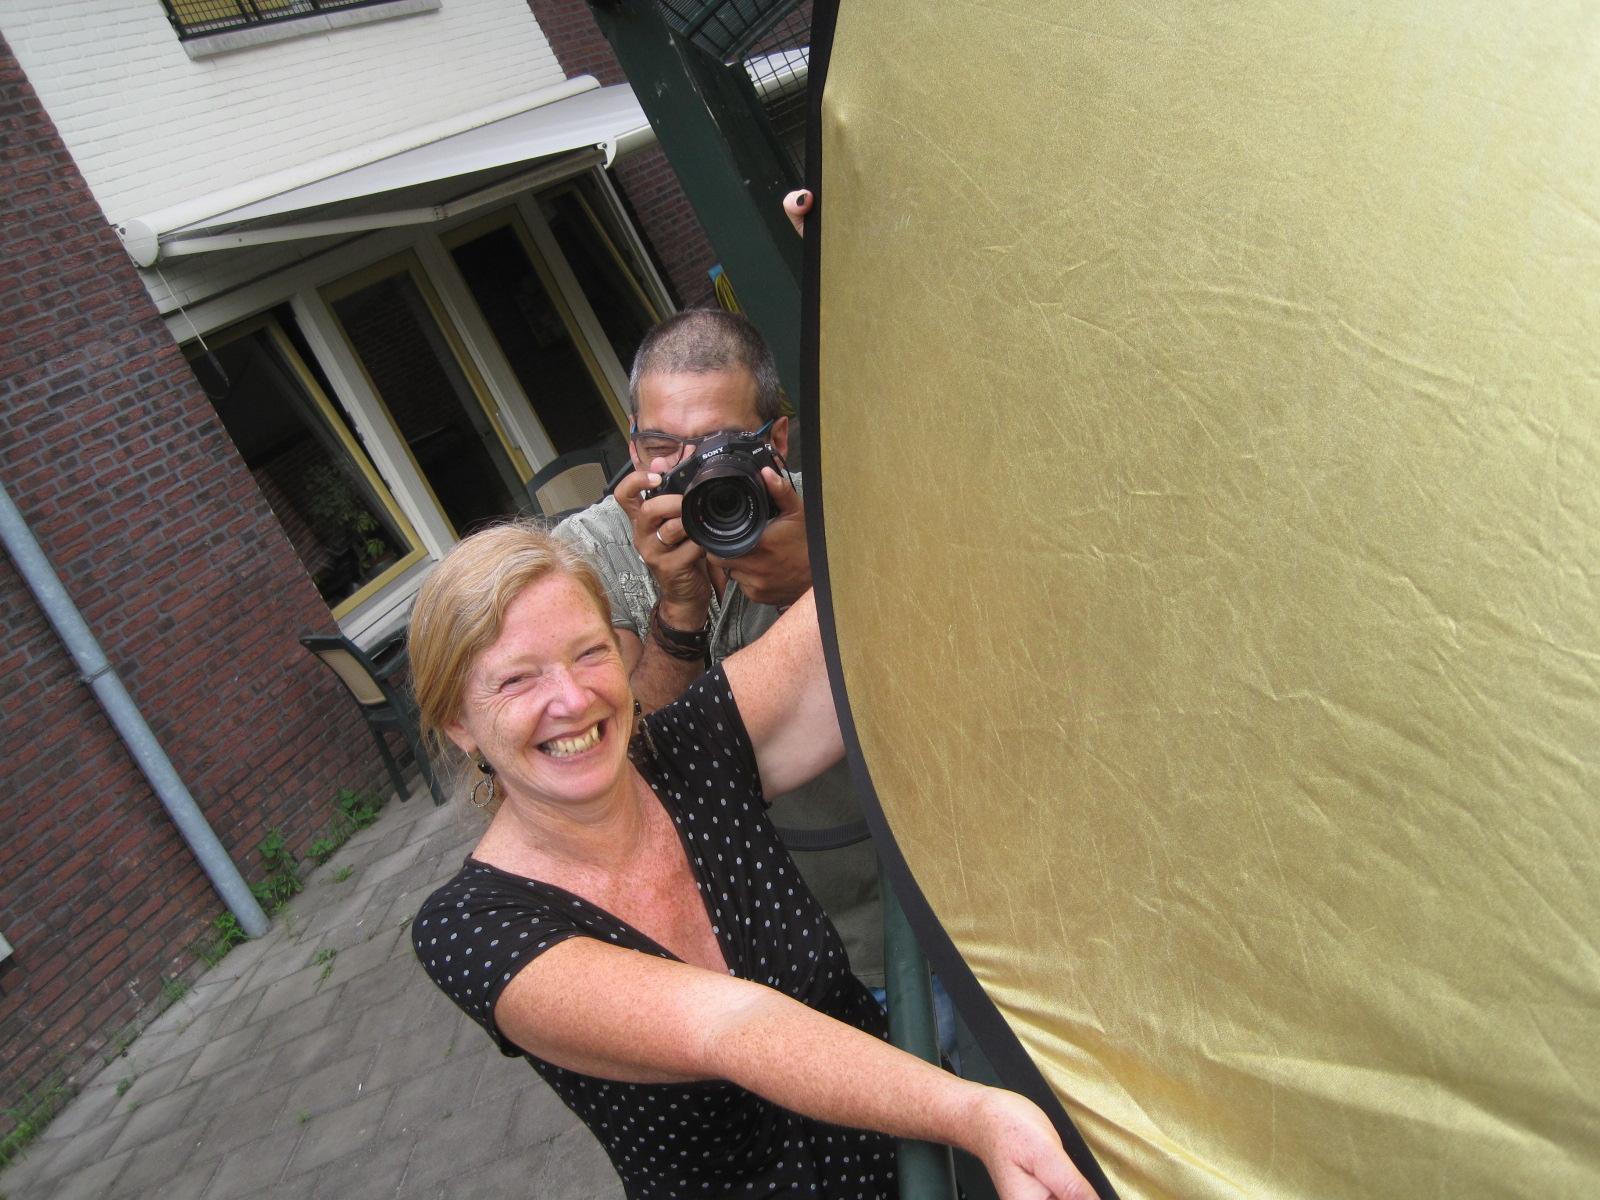 Ruben Keestra maakt foto's Auteur Ingrid Keestra www.mantelzorgerderliefde.nl positieve mantelzorggids met medewerking van Myra Steens www.neusvoorcontact.nl